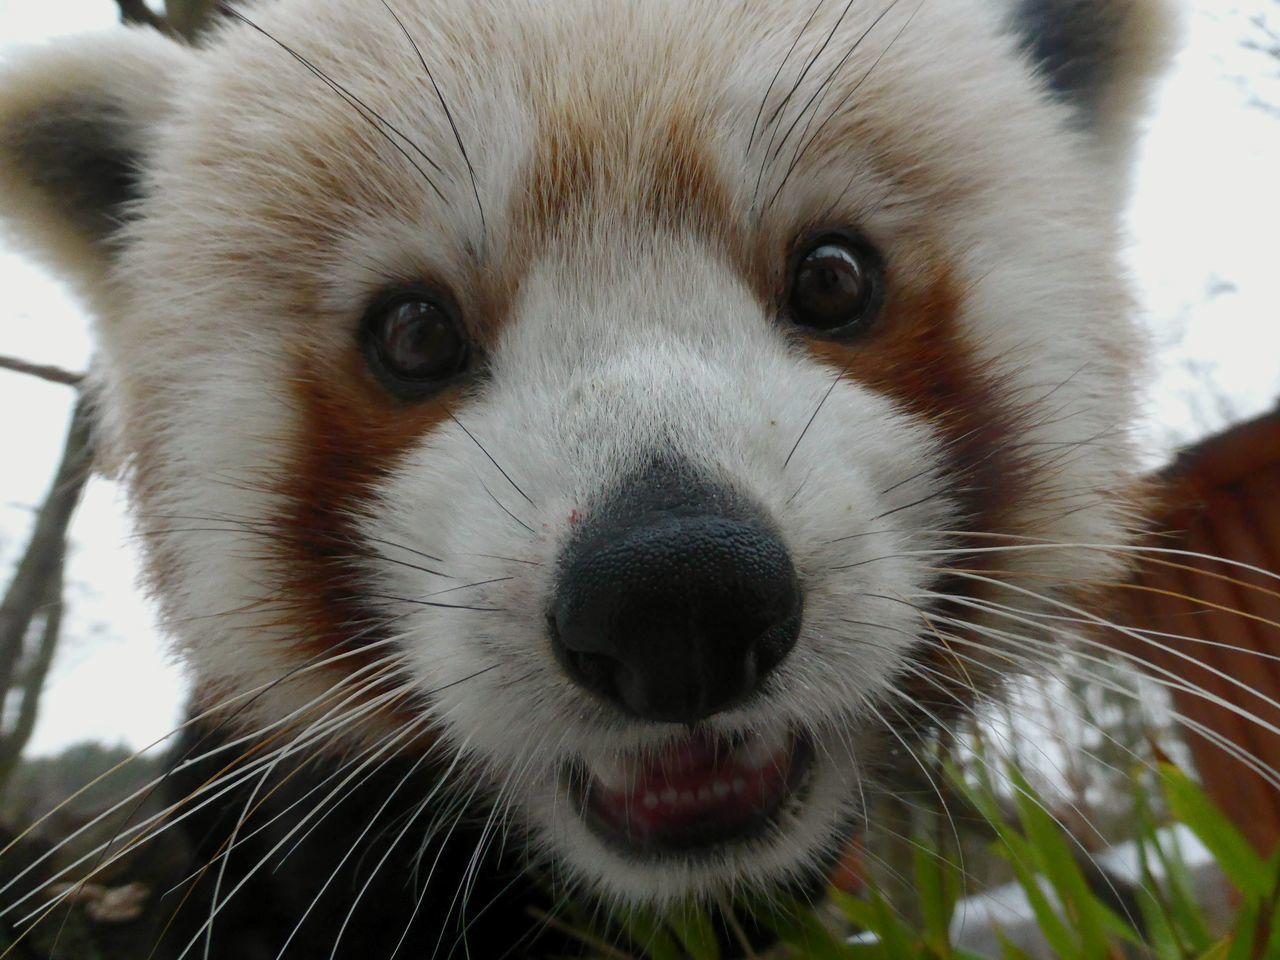 Animals One Animal Looking At Camera Close-up Animal Photography Animal Portrait Zoophotography Panda Red Panda Animal Head